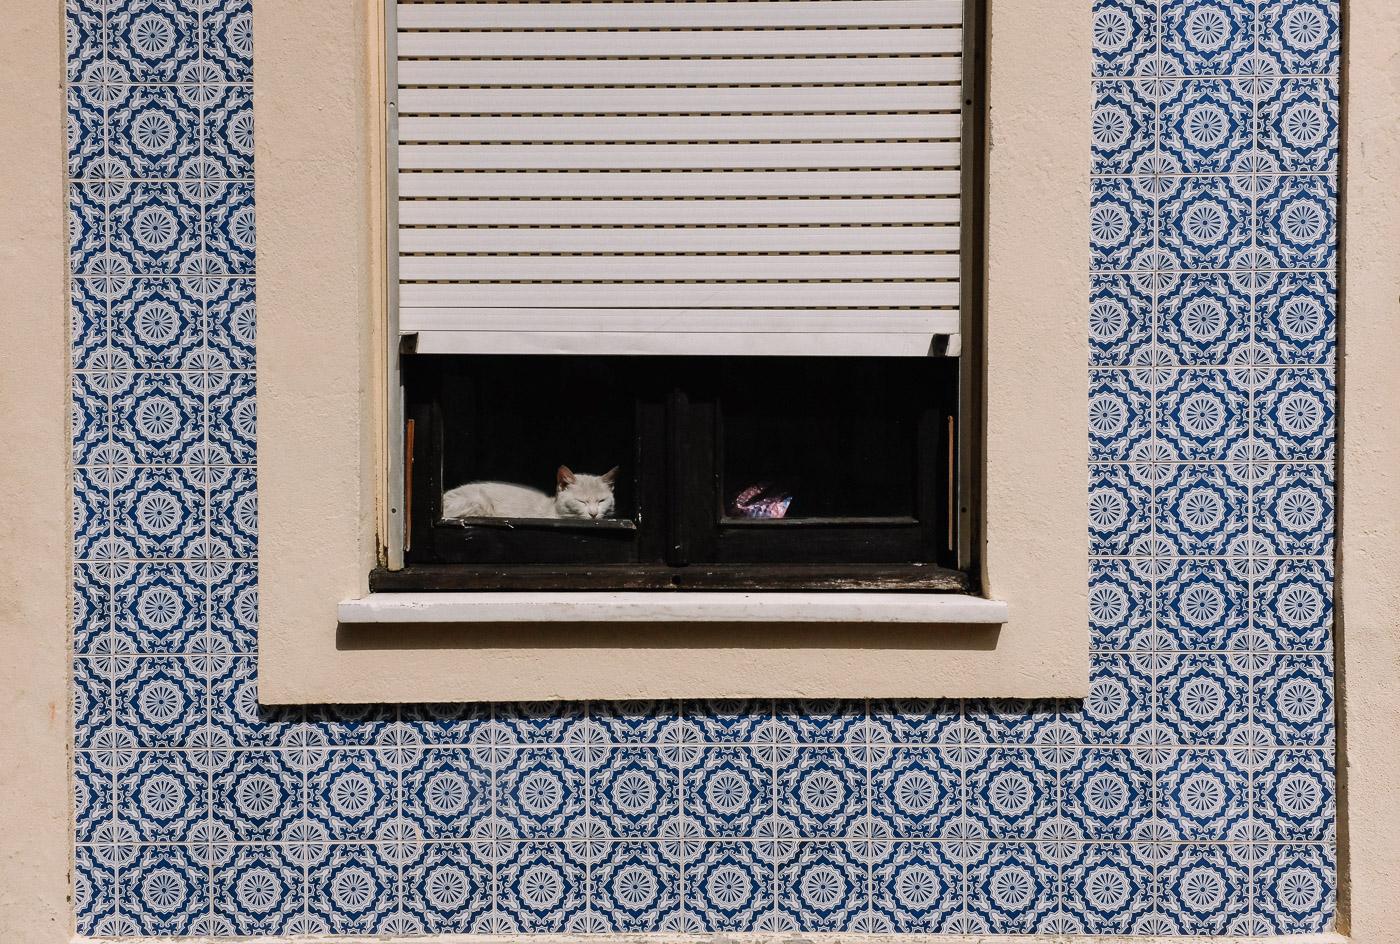 hb images - Aveiro - cat in window_